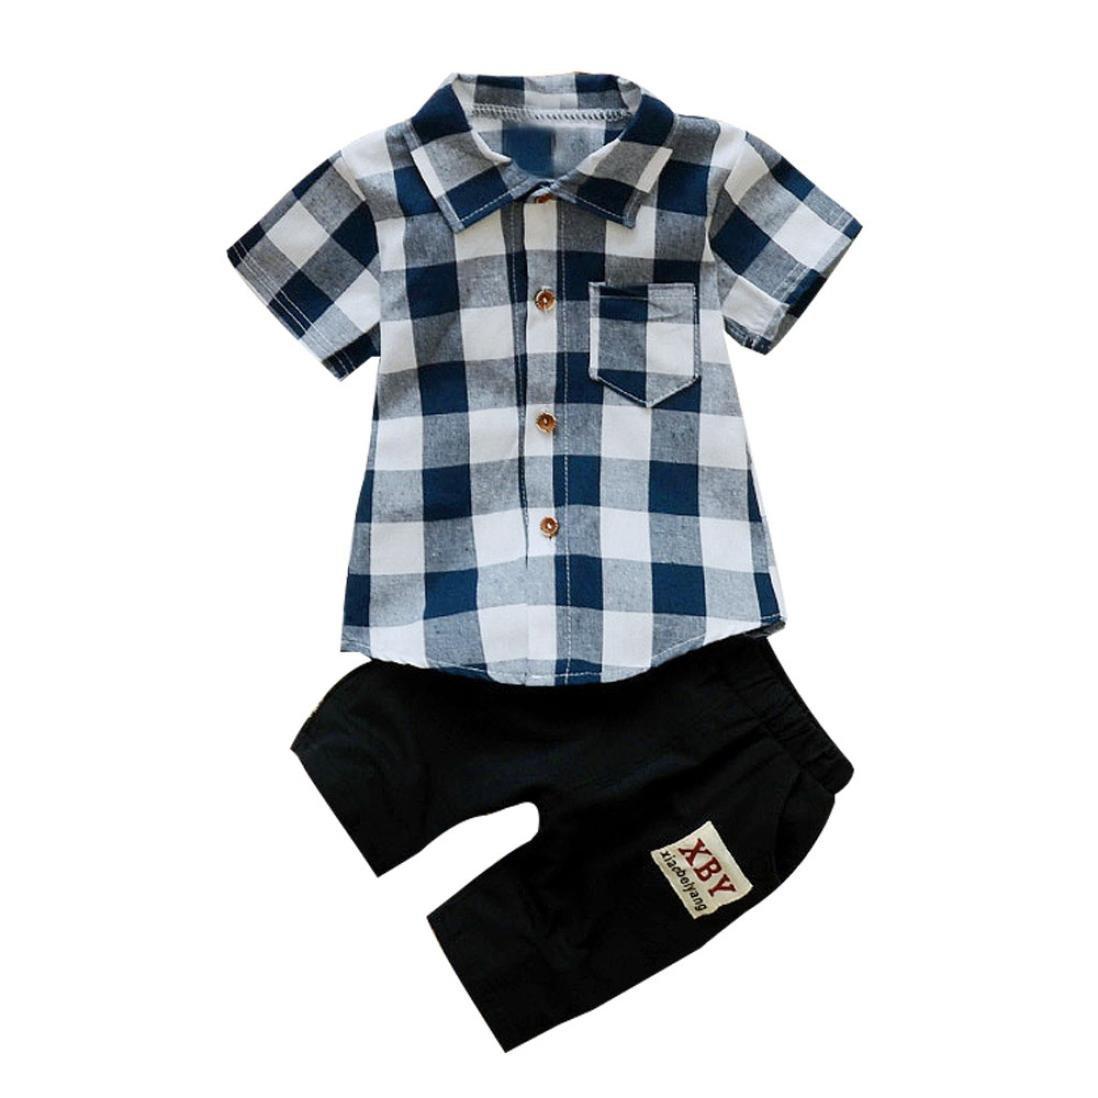 Jchen TM Toddler Kids Baby Boy Plaid T Shirt +Shorts Pants 2Pcs Outfits Clothes Set For 0-36 Months